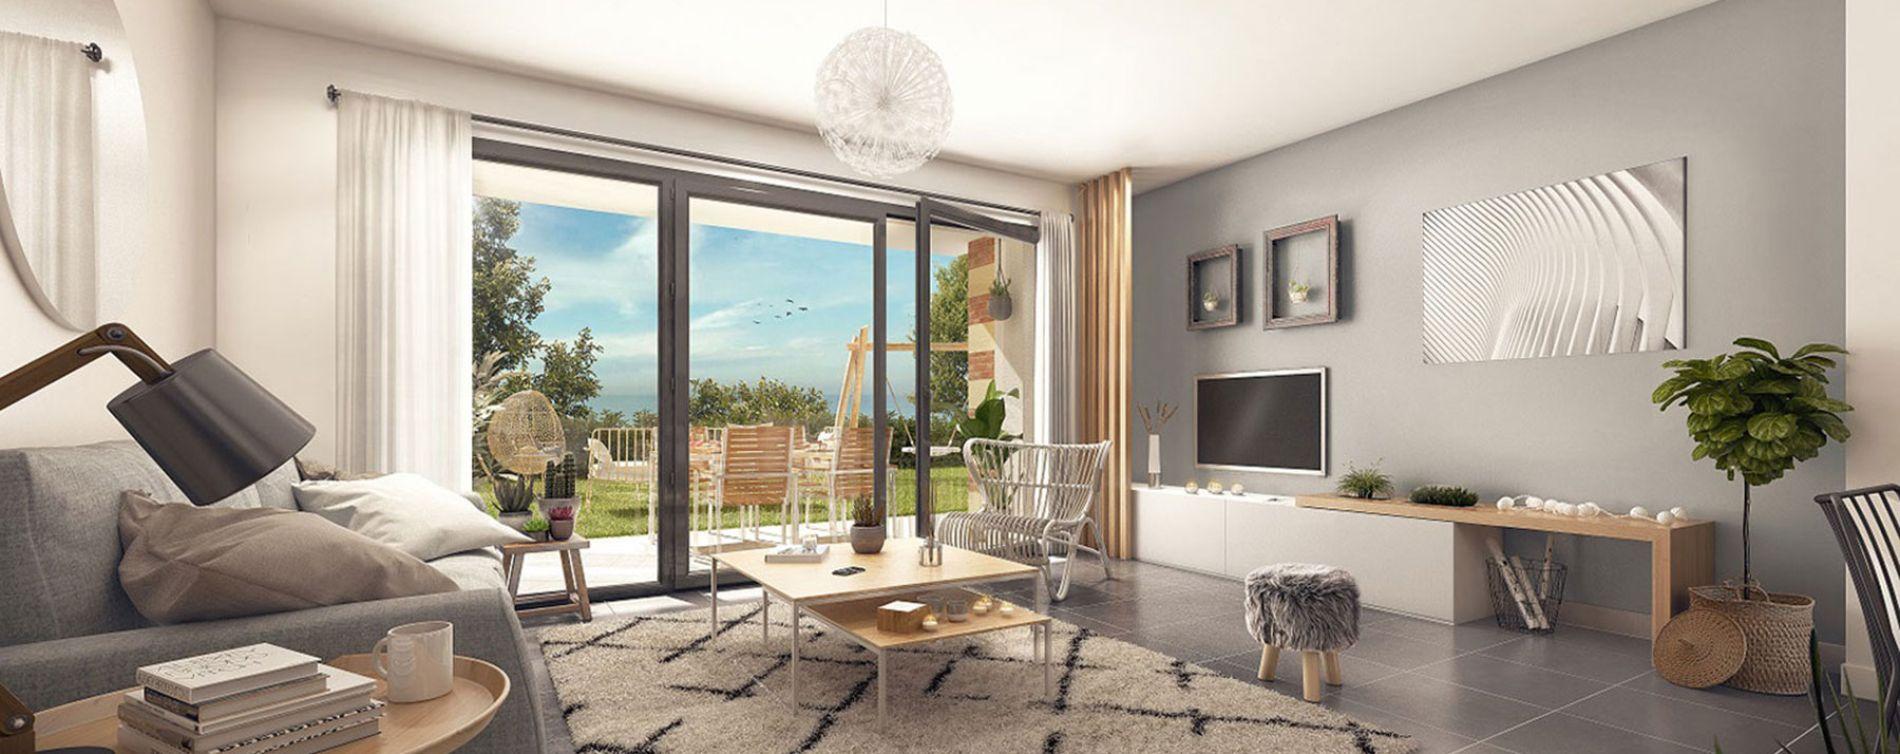 Parempuyre : programme immobilier neuve « Le Clos Mademoiselle » en Loi Pinel (2)